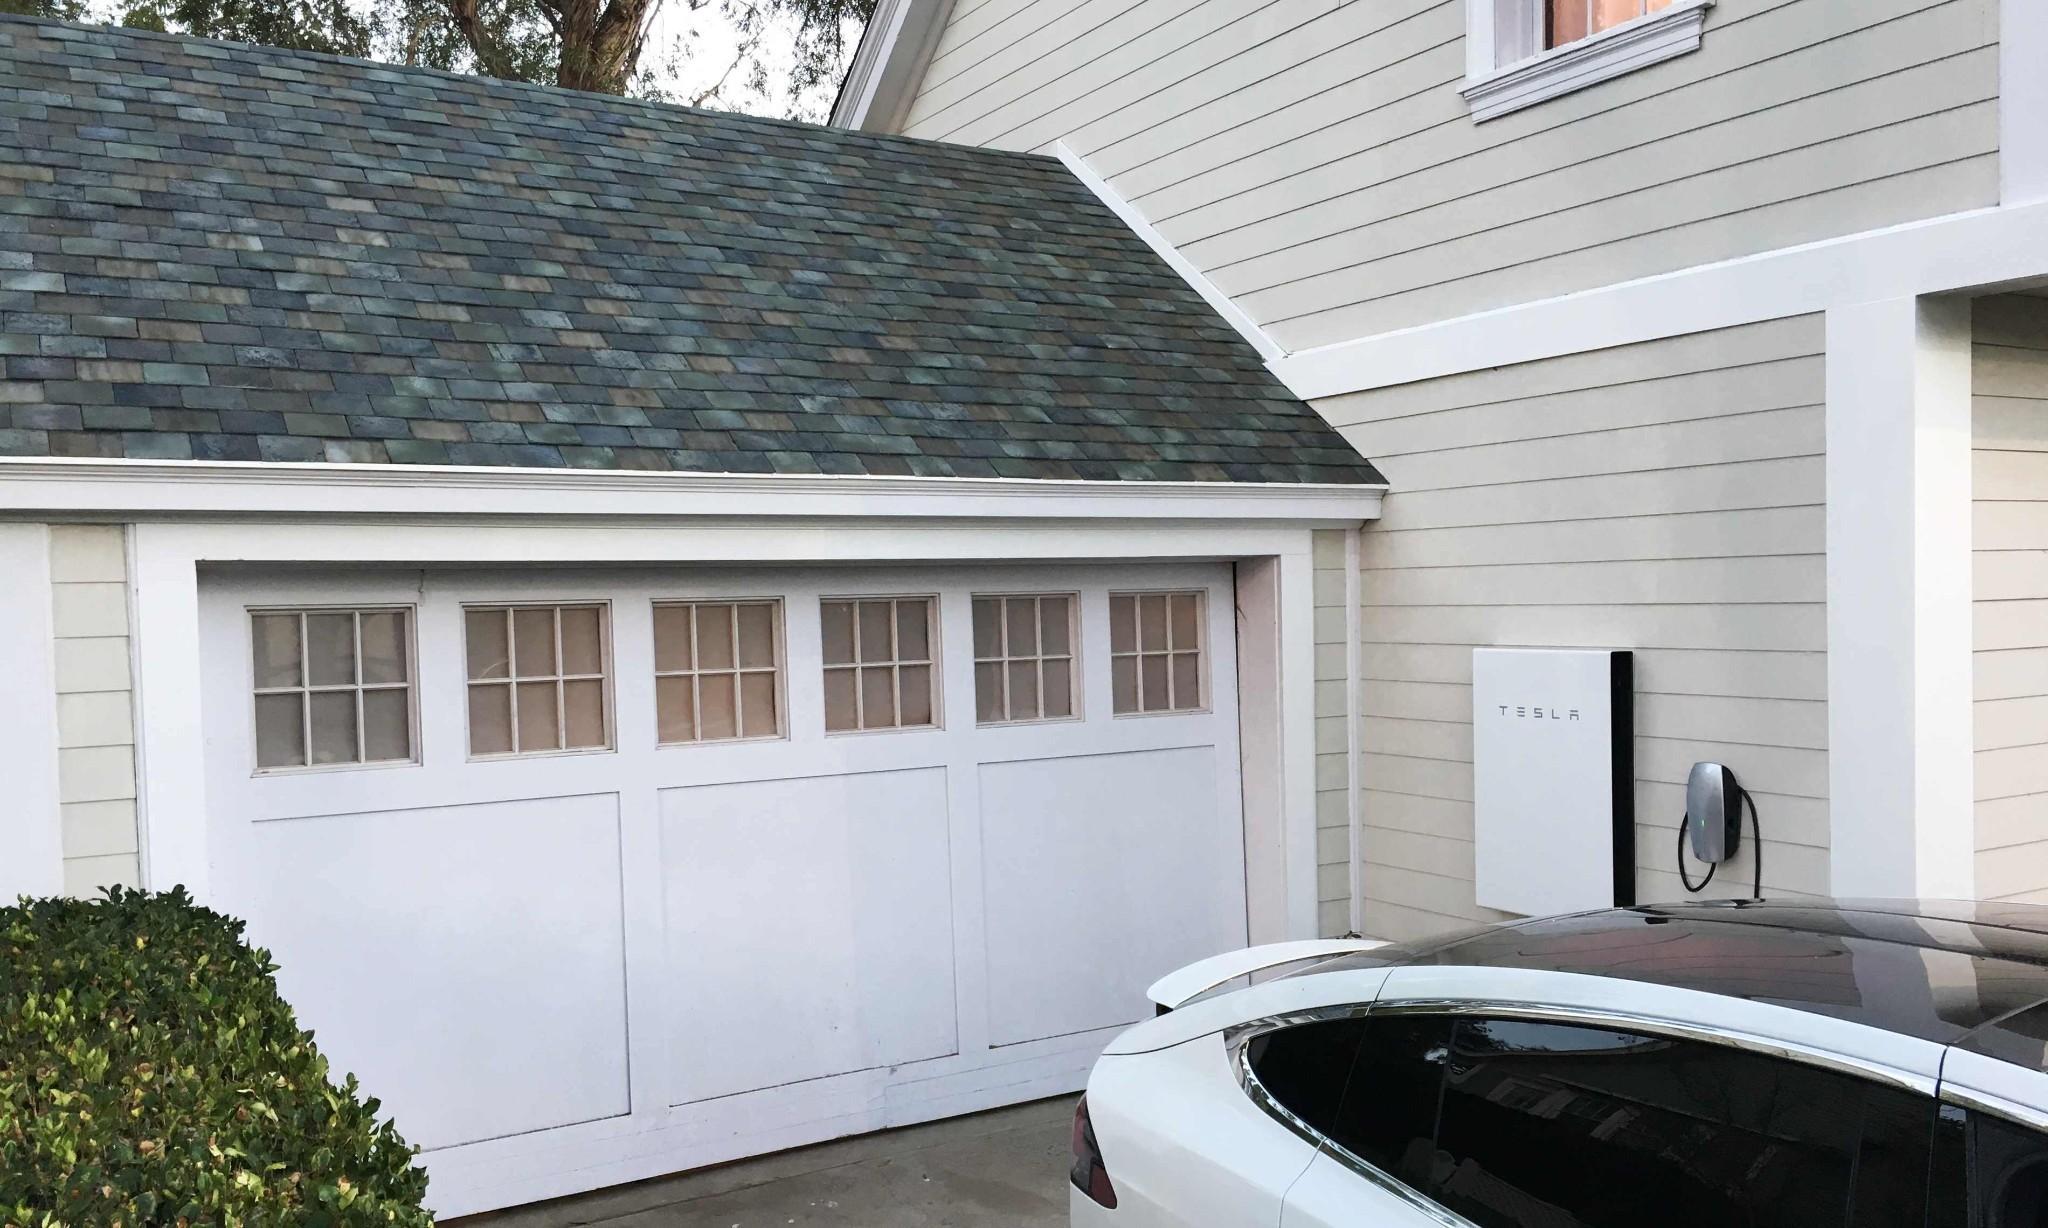 Tesla boss Elon Musk unveils solar roof tiles